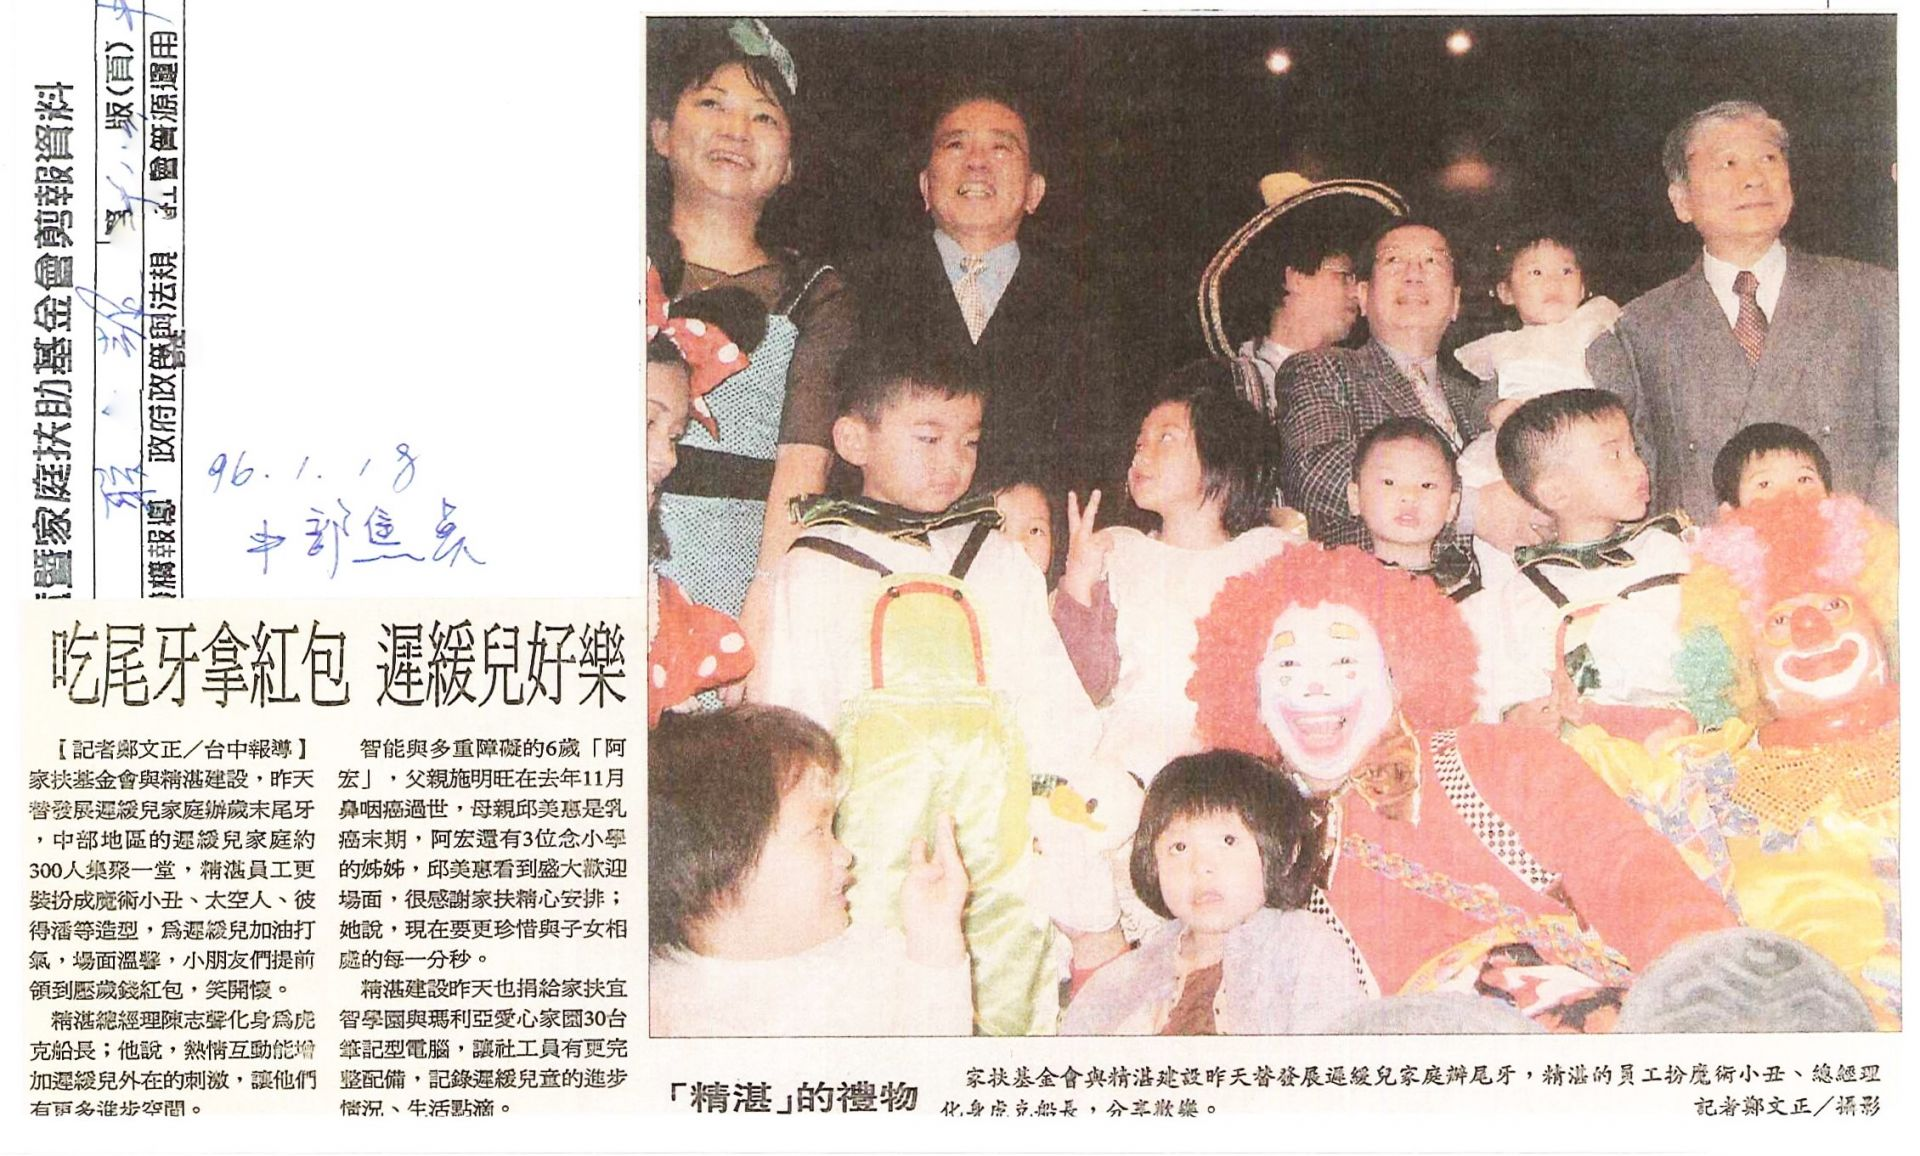 20070118 聯合報 (2)_吃尾牙拿紅包 遲緩兒好樂